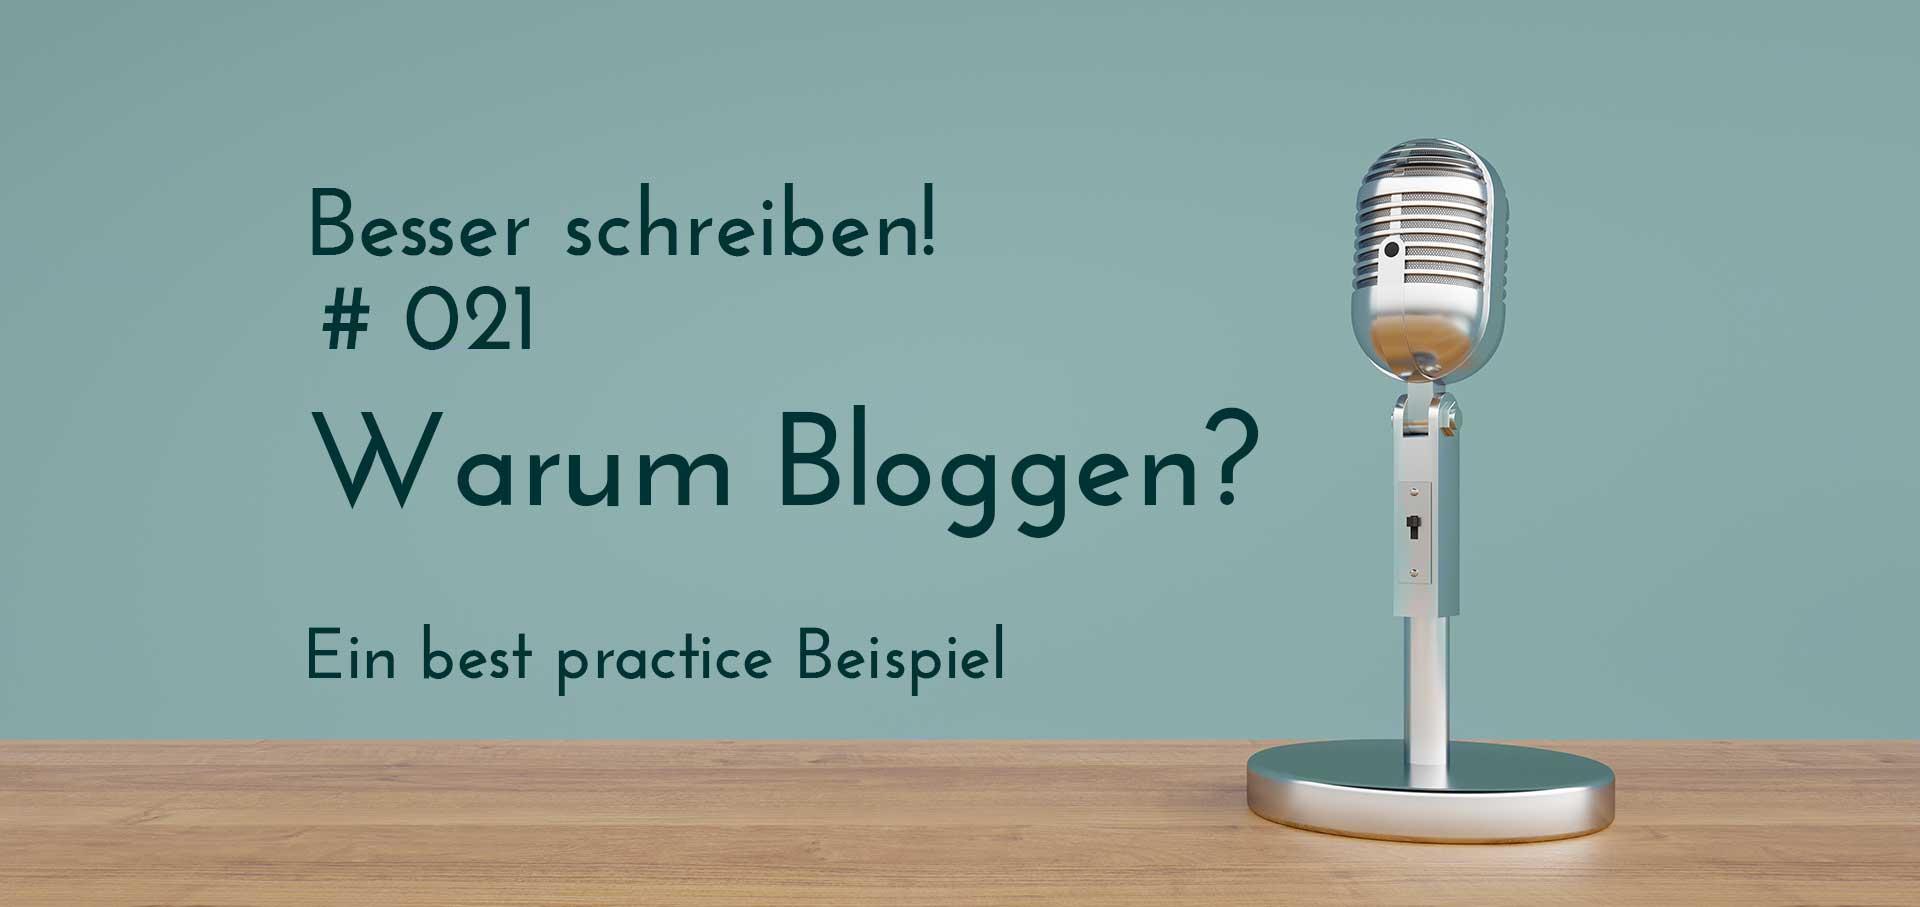 warum bloggen? best pracitice